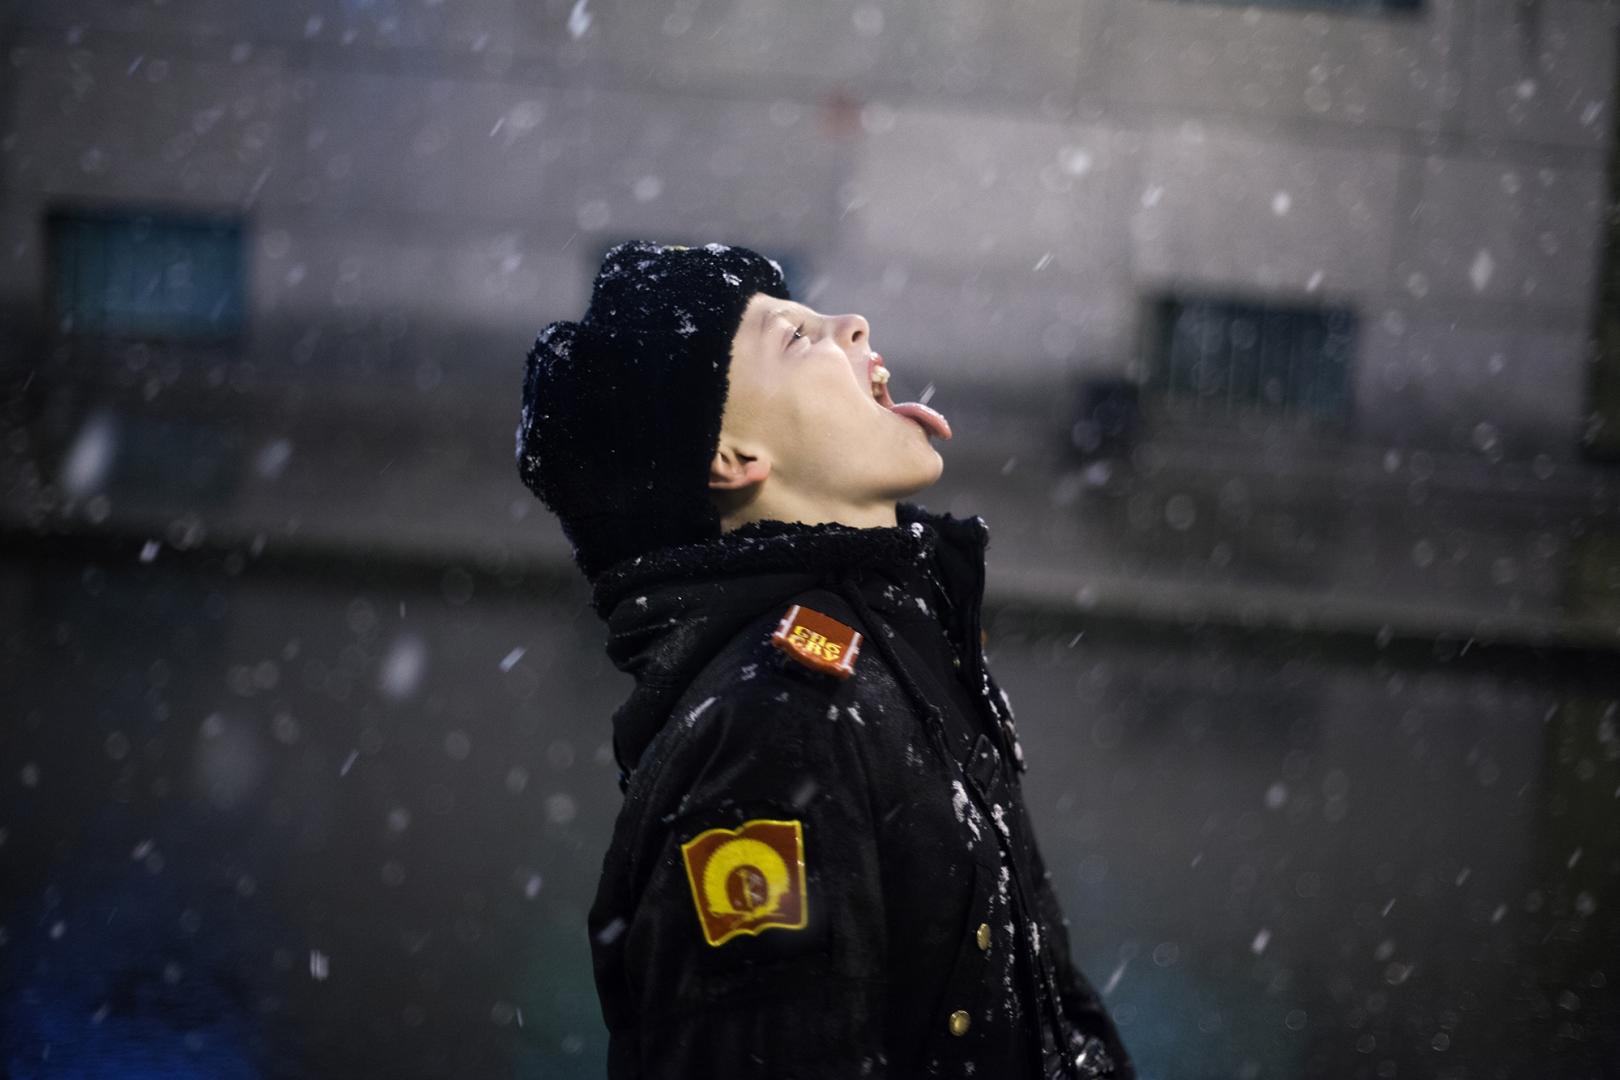 Зимой учащимся запрещено играть в снежки. Но, конечно, ребенок всегда найдет, как себя развлечь